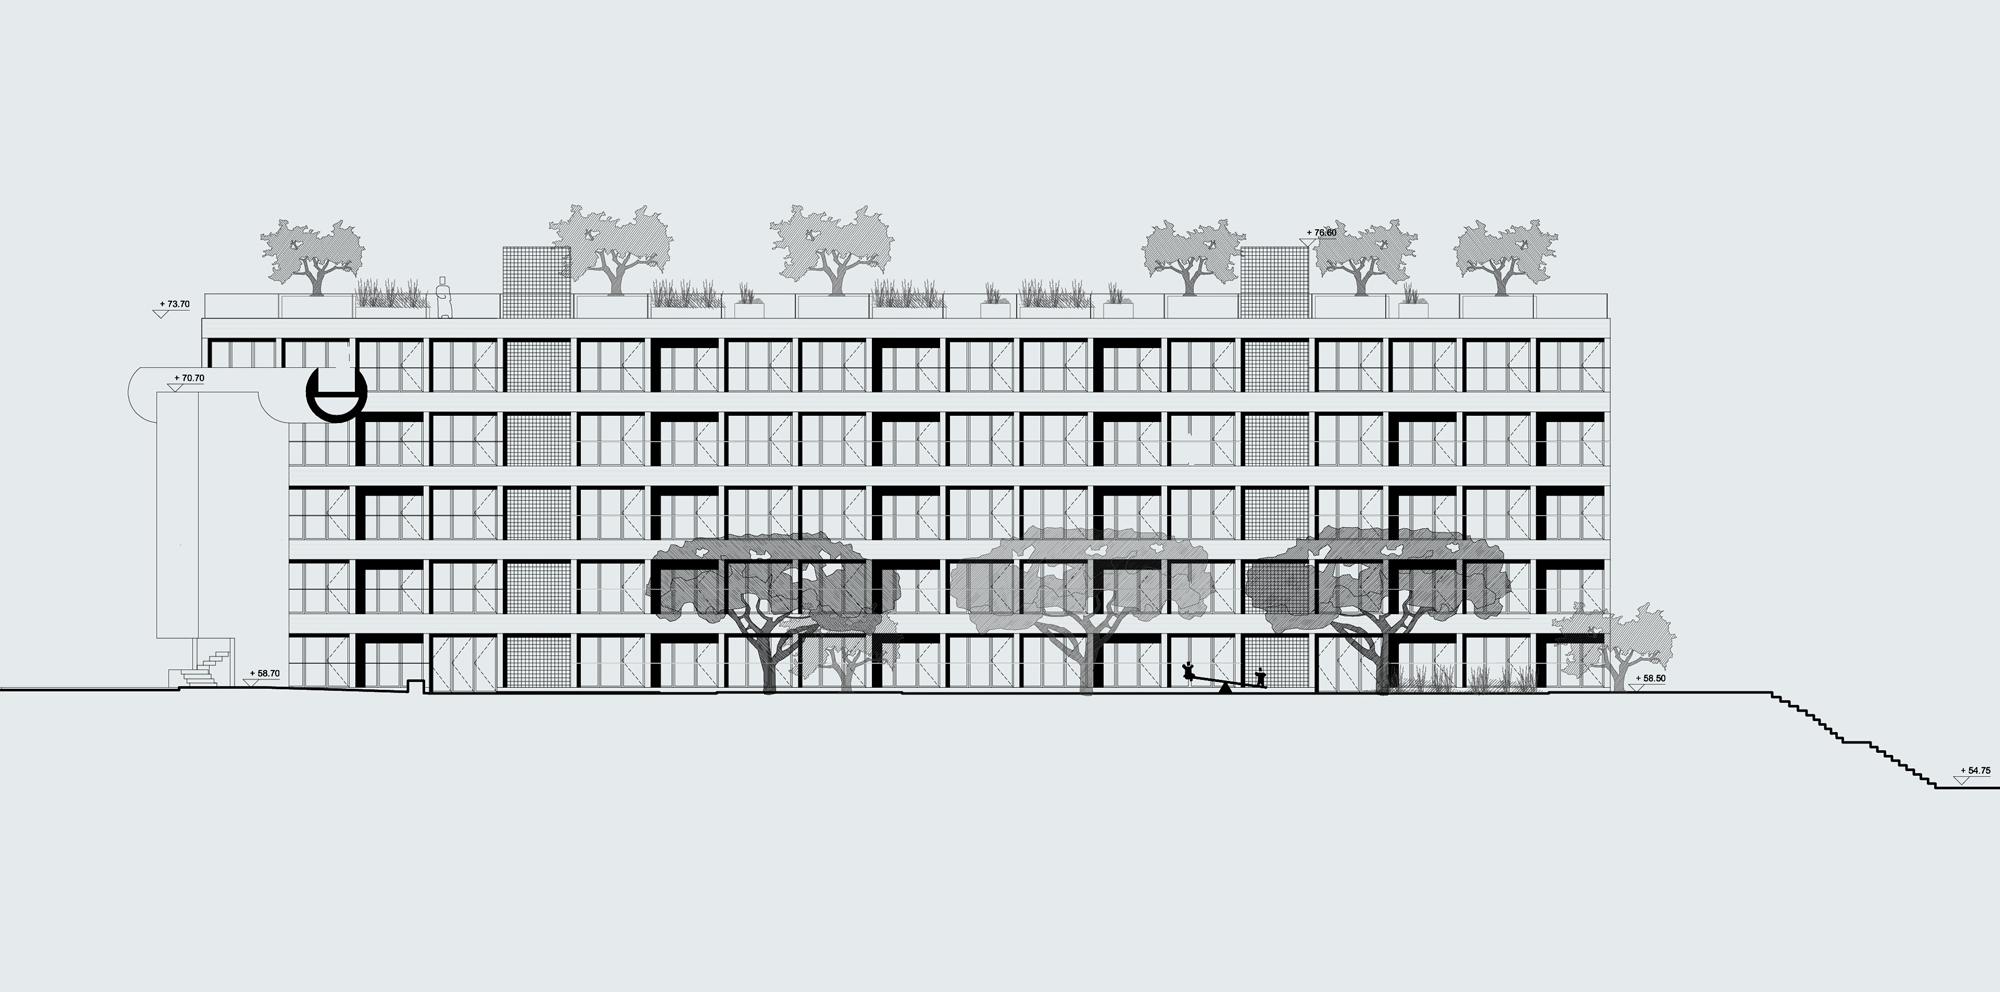 carcavelos habitação miguel gomes arquitectura arquitecto